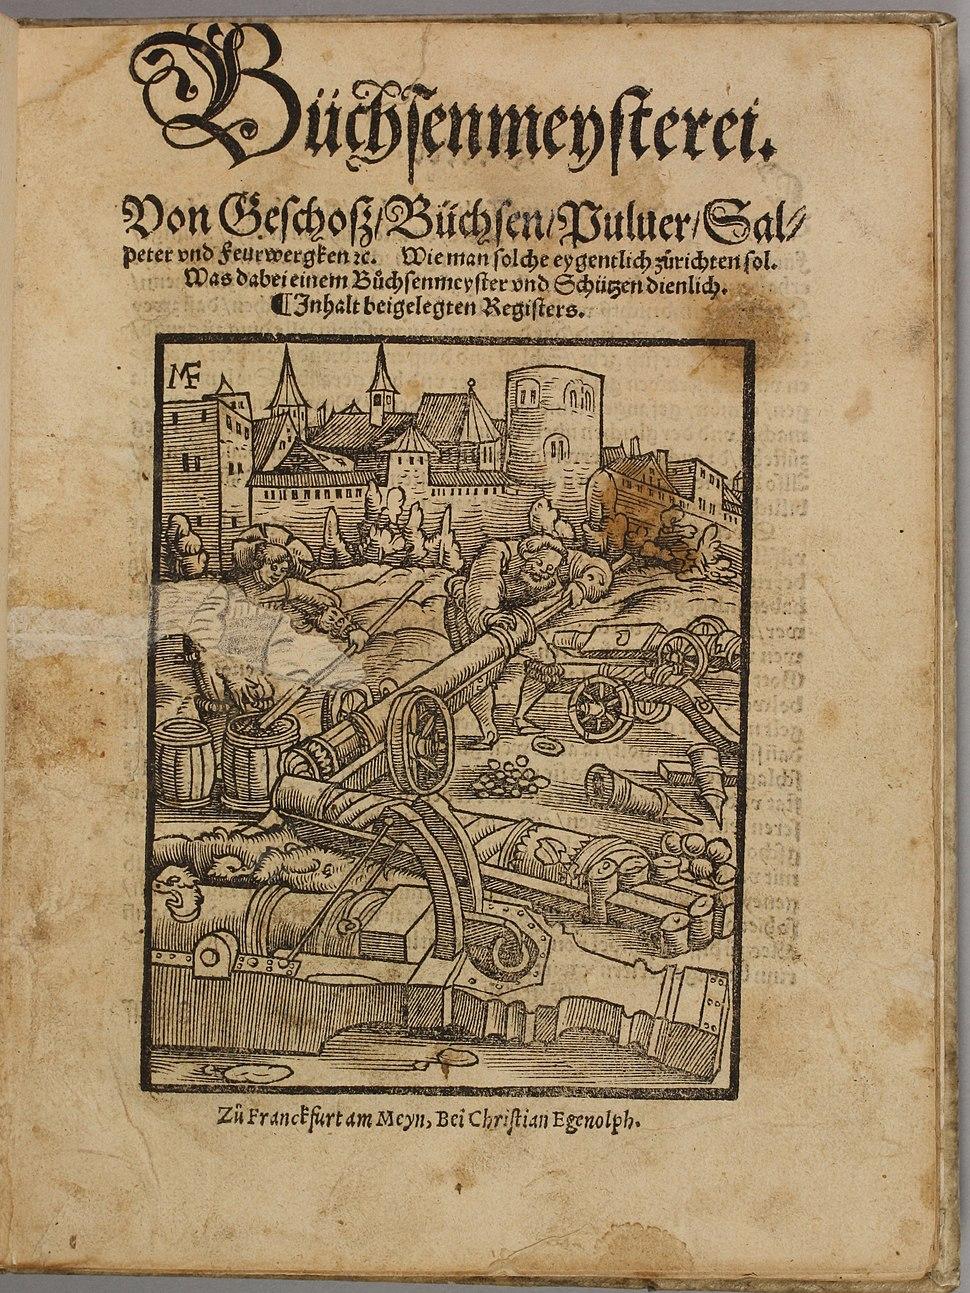 Büchsenmeysterei 1531 CHF